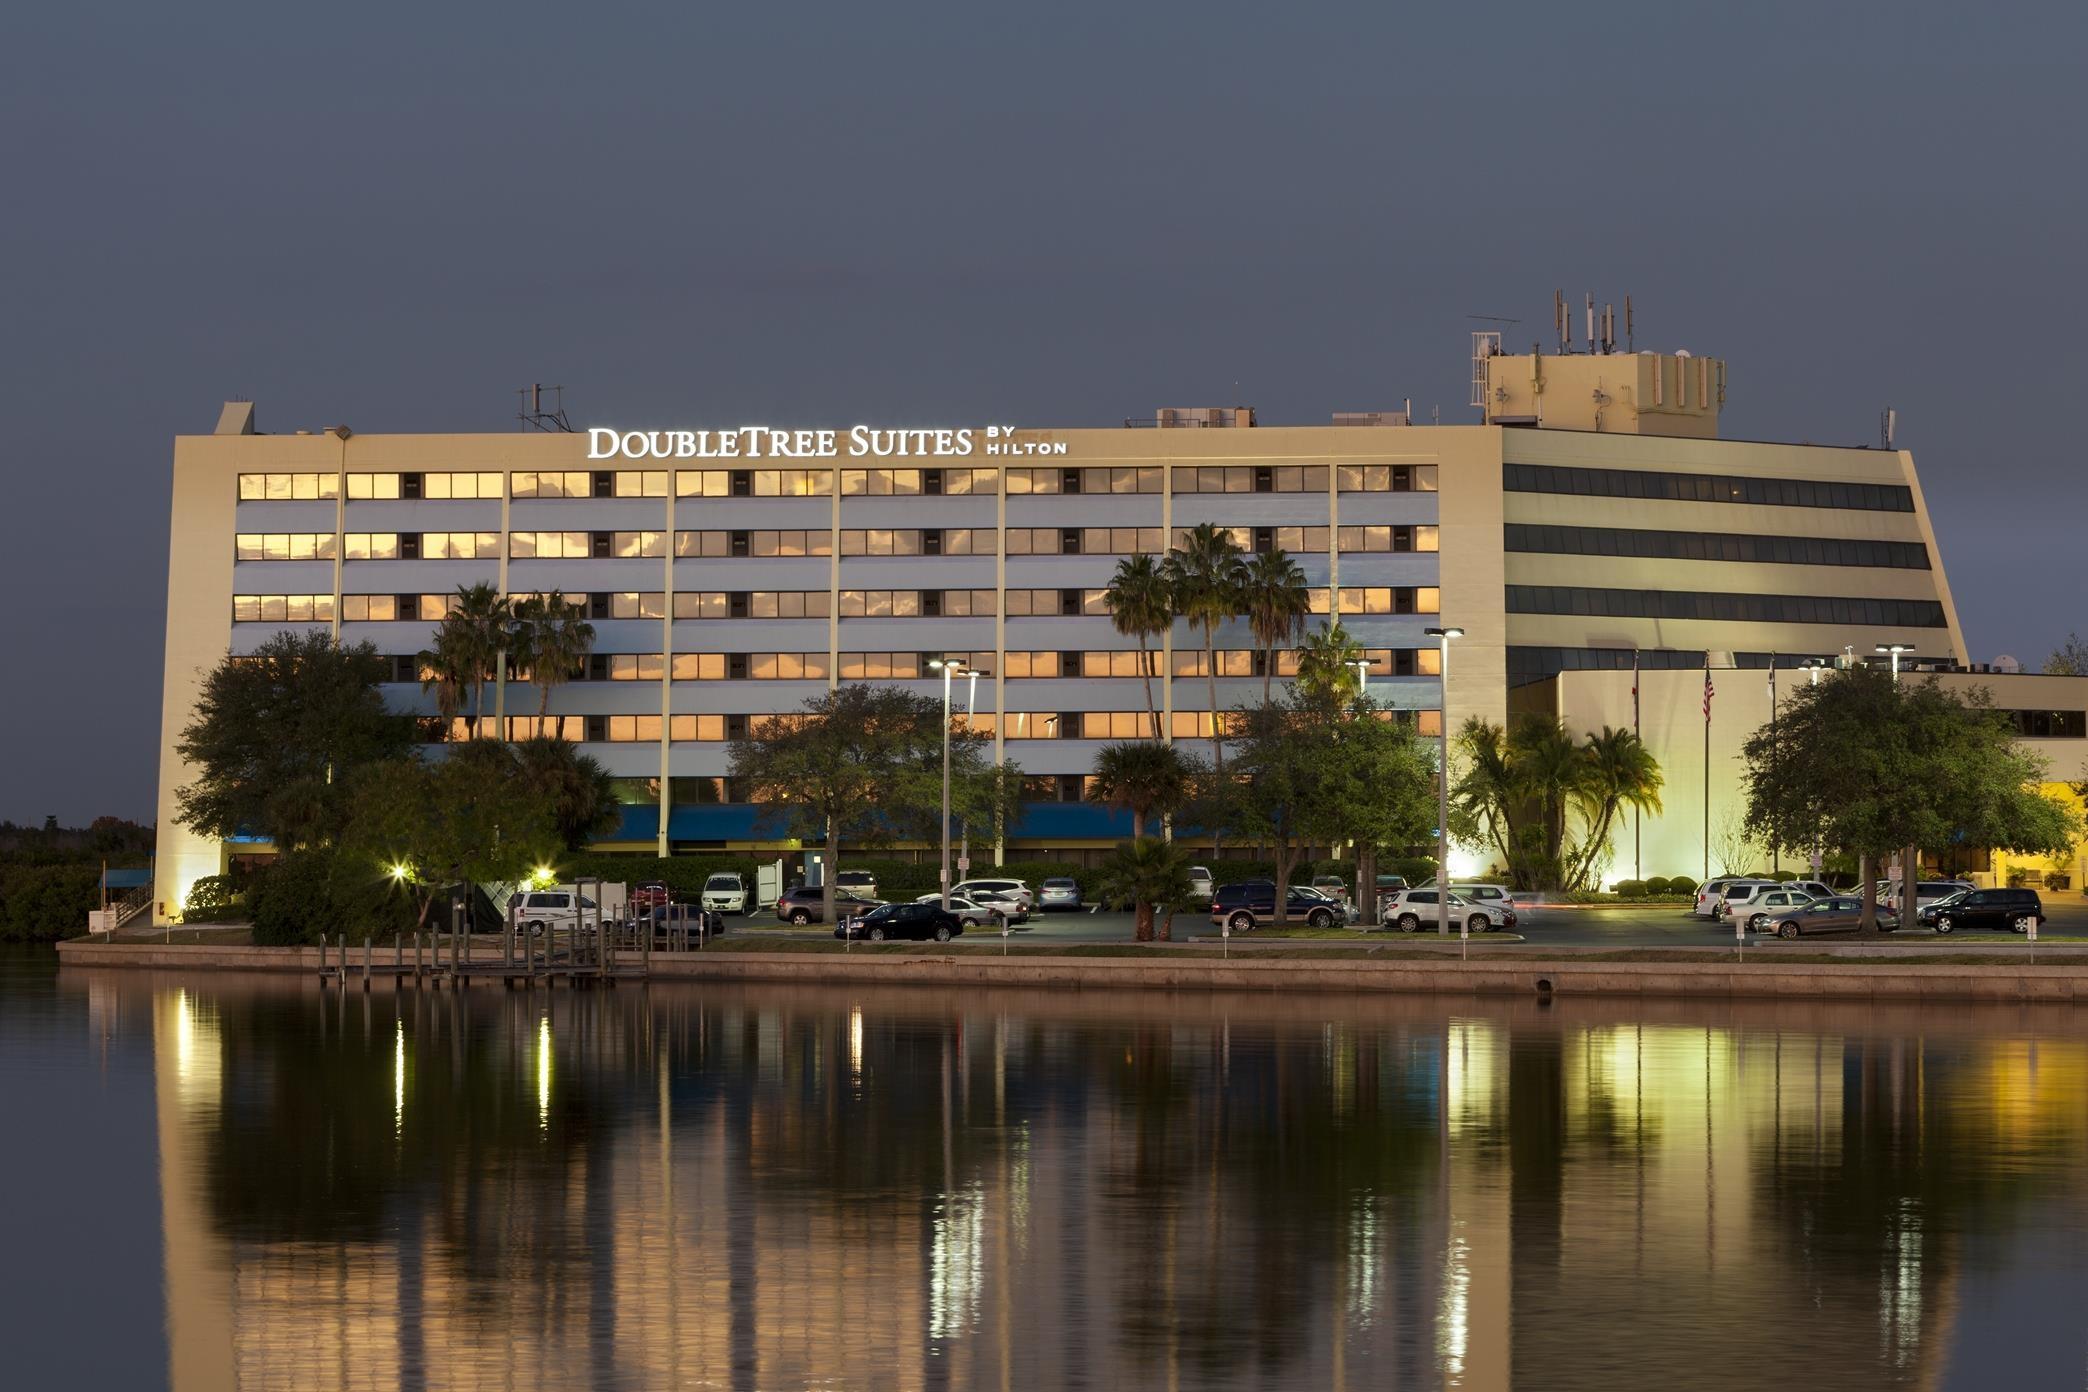 gay resorts tampa bay florida